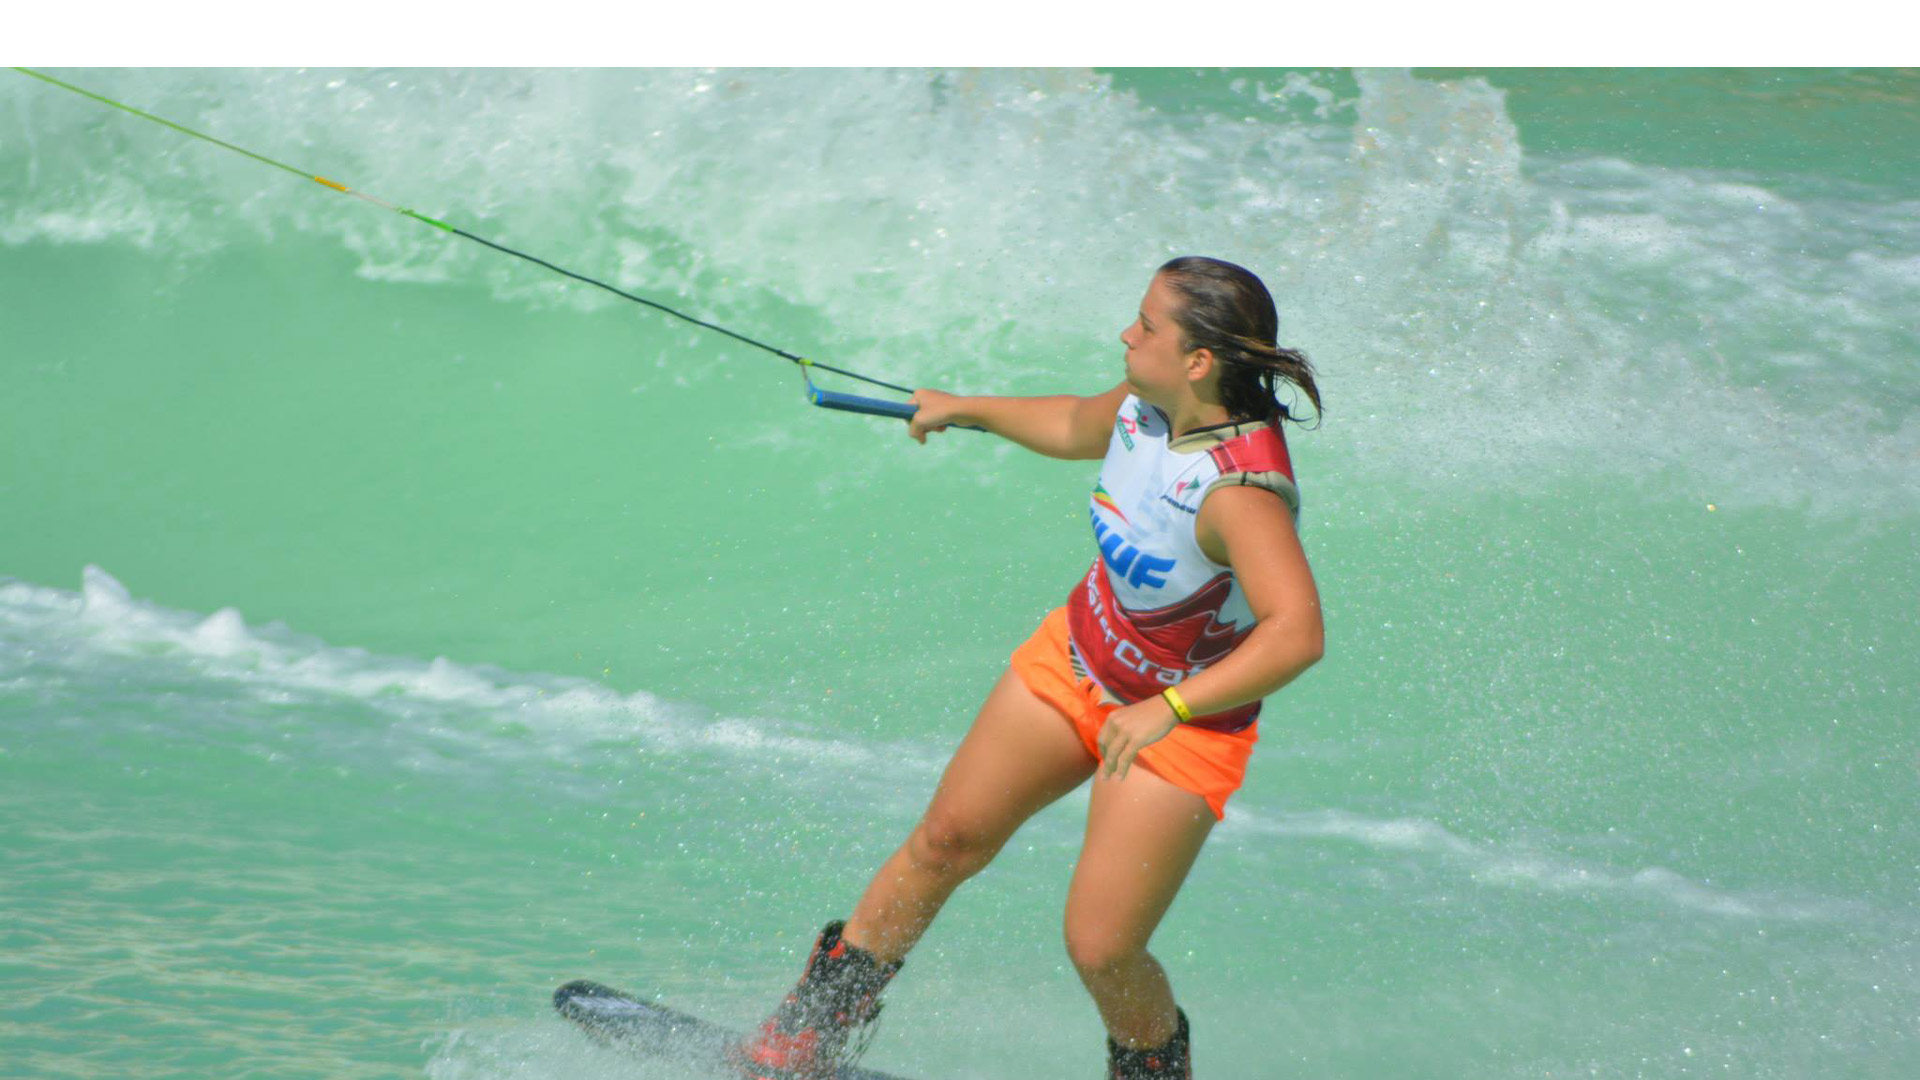 Ana Chamorro es la única latinoamericana que clasificó a los cuartos de final en el mundial que se celebra en Cancún